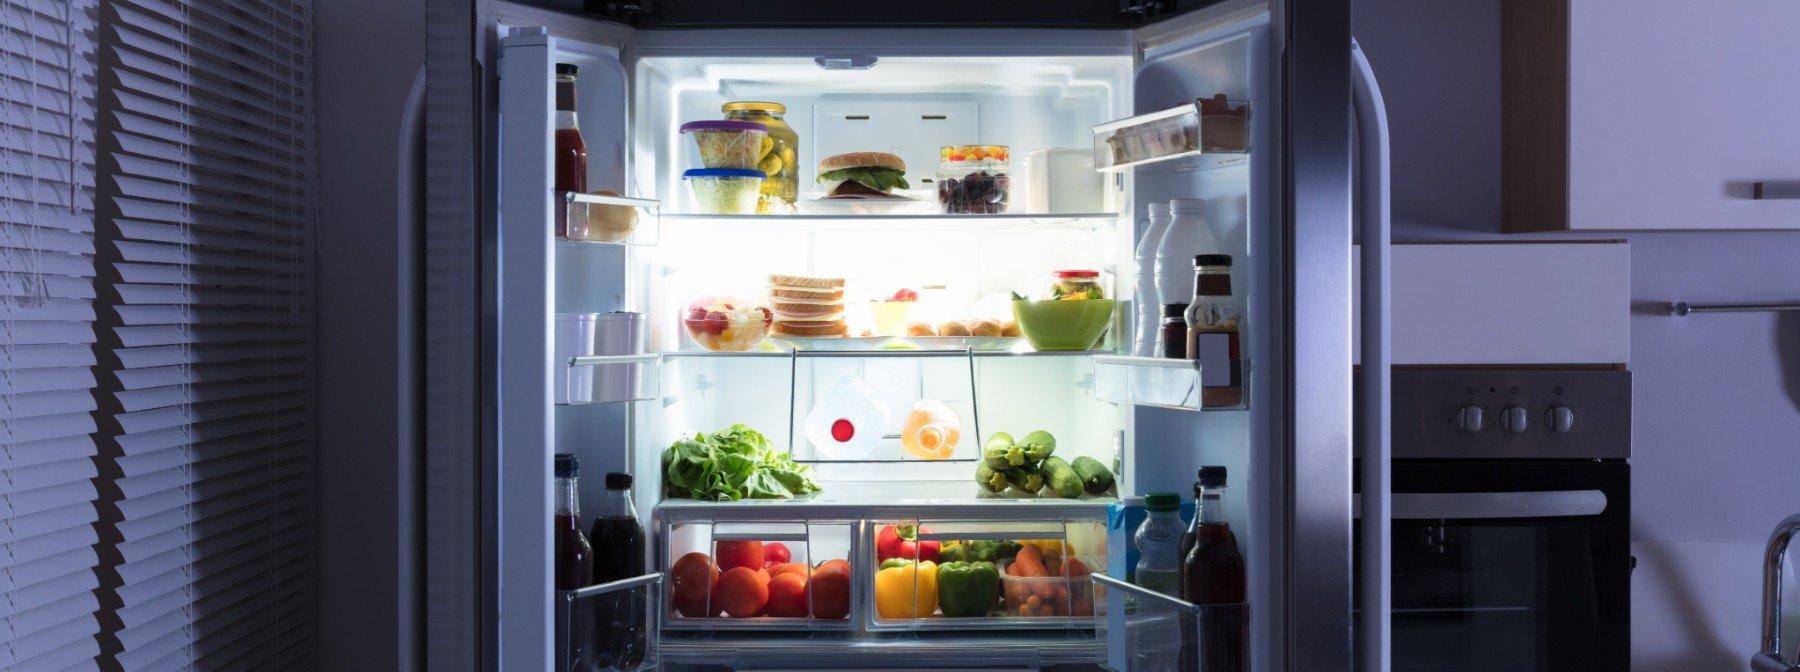 Stoppe die Lebensmittelverschwendung | 8 Nahrungsmittel, die du falsch lagerst